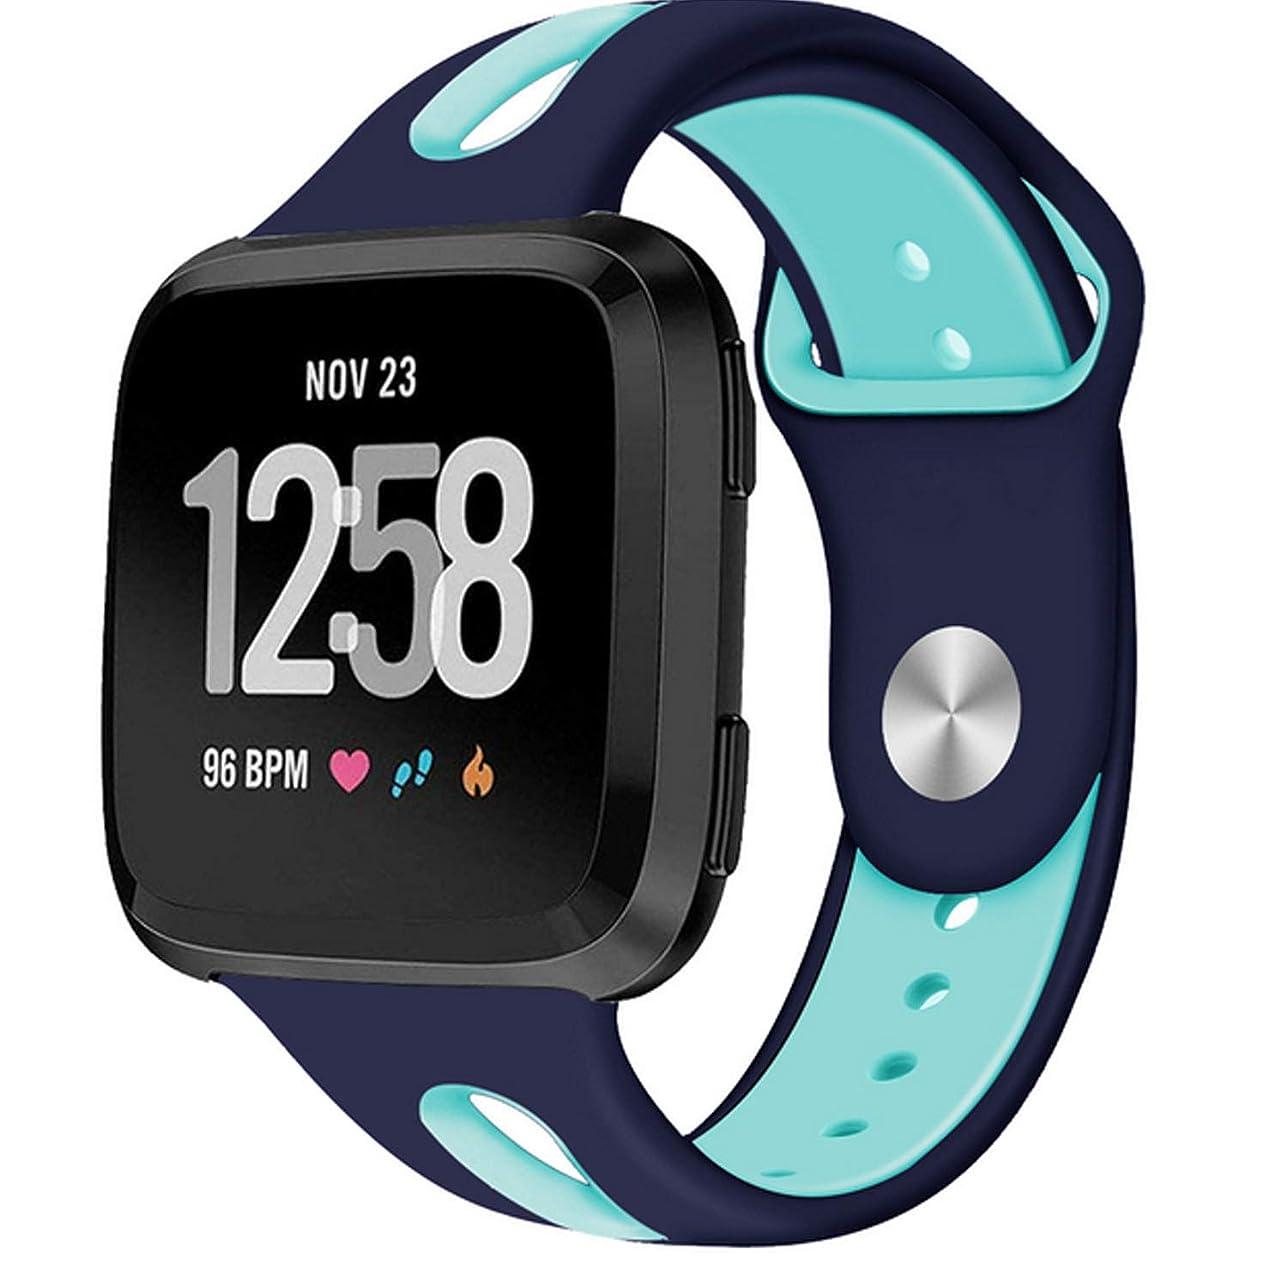 降伏促す半導体EYAYI Fitbit Versa 時計ベルトに適用ファッションスポーツシリコンTPU 2色ストラップの (ブルー+ネイビー)